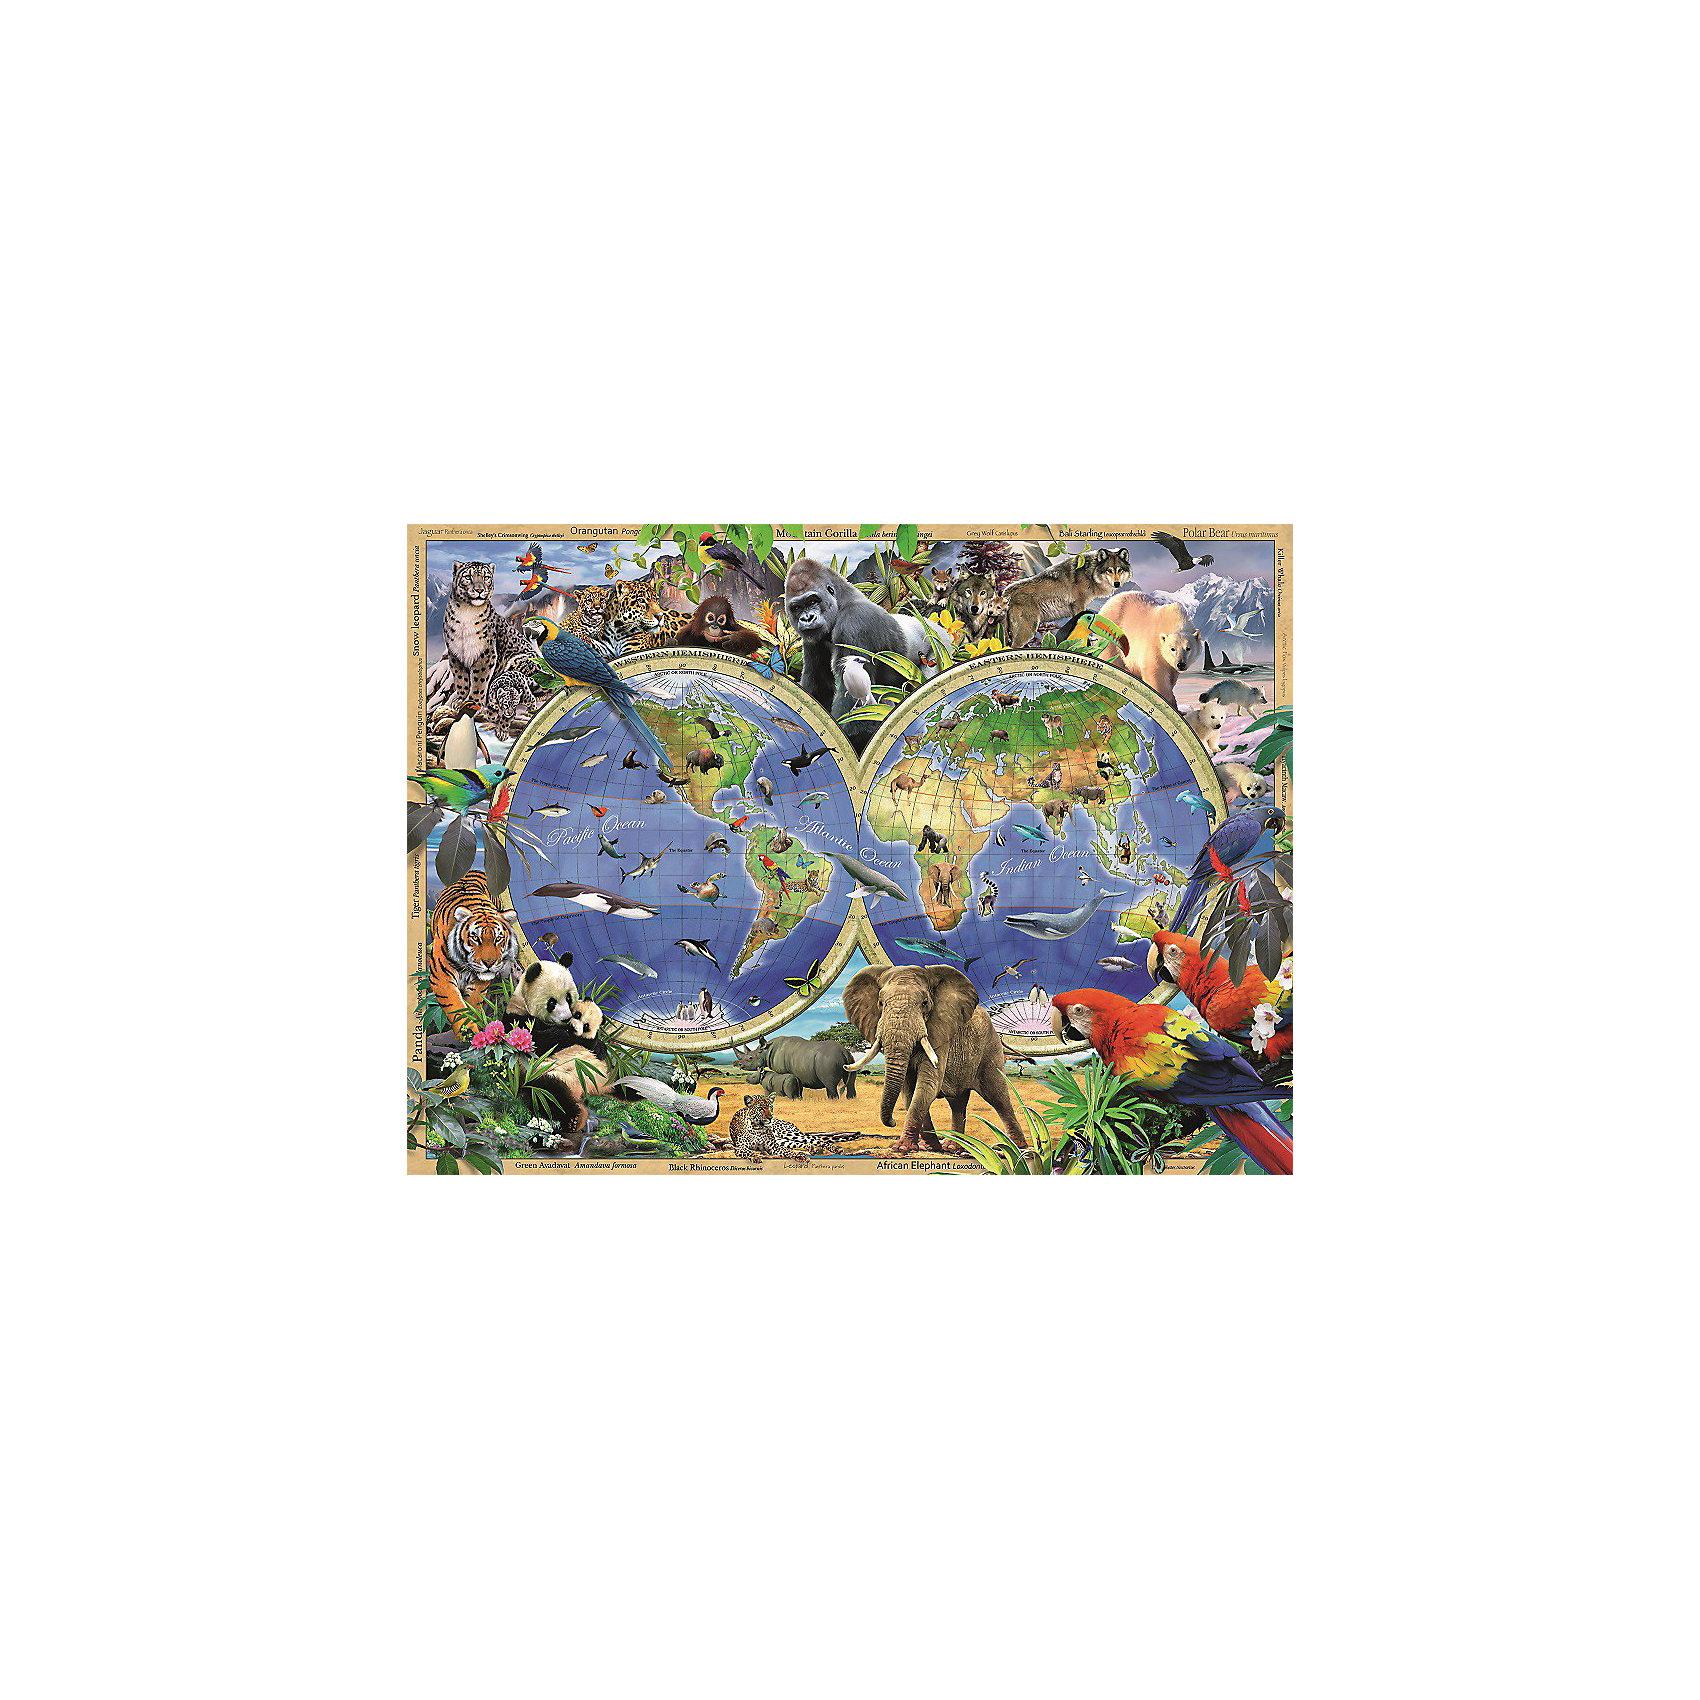 Пазл «Мир дикой природы» XXL 300 деталей, RavensburgerКлассические пазлы<br>Пазл «Мир дикой природы» XXL 300 деталей, Ravensburger (Равенсбургер) – этот яркий красочный пазл великолепный подарок для вашего ребенка.<br>Собрав занимательный пазл Ravensburger (Равенсбургер), ребенок сможет ознакомиться с редкими и находящимися под угрозой исчезновения видами животных и местами их обитания. Дизайн пазла разработал художник Говард Робинсон. Собирая картинку, ребенок развивает логическое мышление, воображение, мелкую моторику и умение принимать самостоятельные решения. Пазлы Ravensburger неповторимы и уникальны тем, что для их изготовления используется картон наивысшего класса, благодаря которому сложенные головоломки не сгибаются, сам картон не отделяется от картинки, а сложенная картинка представляется абсолютно плоской и не деформируется даже спустя время. Прочные детали не ломаются. Каждая деталь имеет свою форму и подходит только на своё место. Матовая поверхность исключает неприятные отблески. Изготовлено из экологического сырья.<br><br>Дополнительная информация:<br><br>- Количество деталей: 300<br>- Размер картинки: 36 х 49 см.<br>- Материал: картон<br>- Размер коробки: 34 x 4 х 23 см.<br><br>Пазл «Мир дикой природы» XXL 300 деталей, Ravensburger (Равенсбургер) можно купить в нашем интернет-магазине.<br><br>Ширина мм: 340<br>Глубина мм: 40<br>Высота мм: 230<br>Вес г: 544<br>Возраст от месяцев: 108<br>Возраст до месяцев: 192<br>Пол: Унисекс<br>Возраст: Детский<br>Количество деталей: 300<br>SKU: 3894984